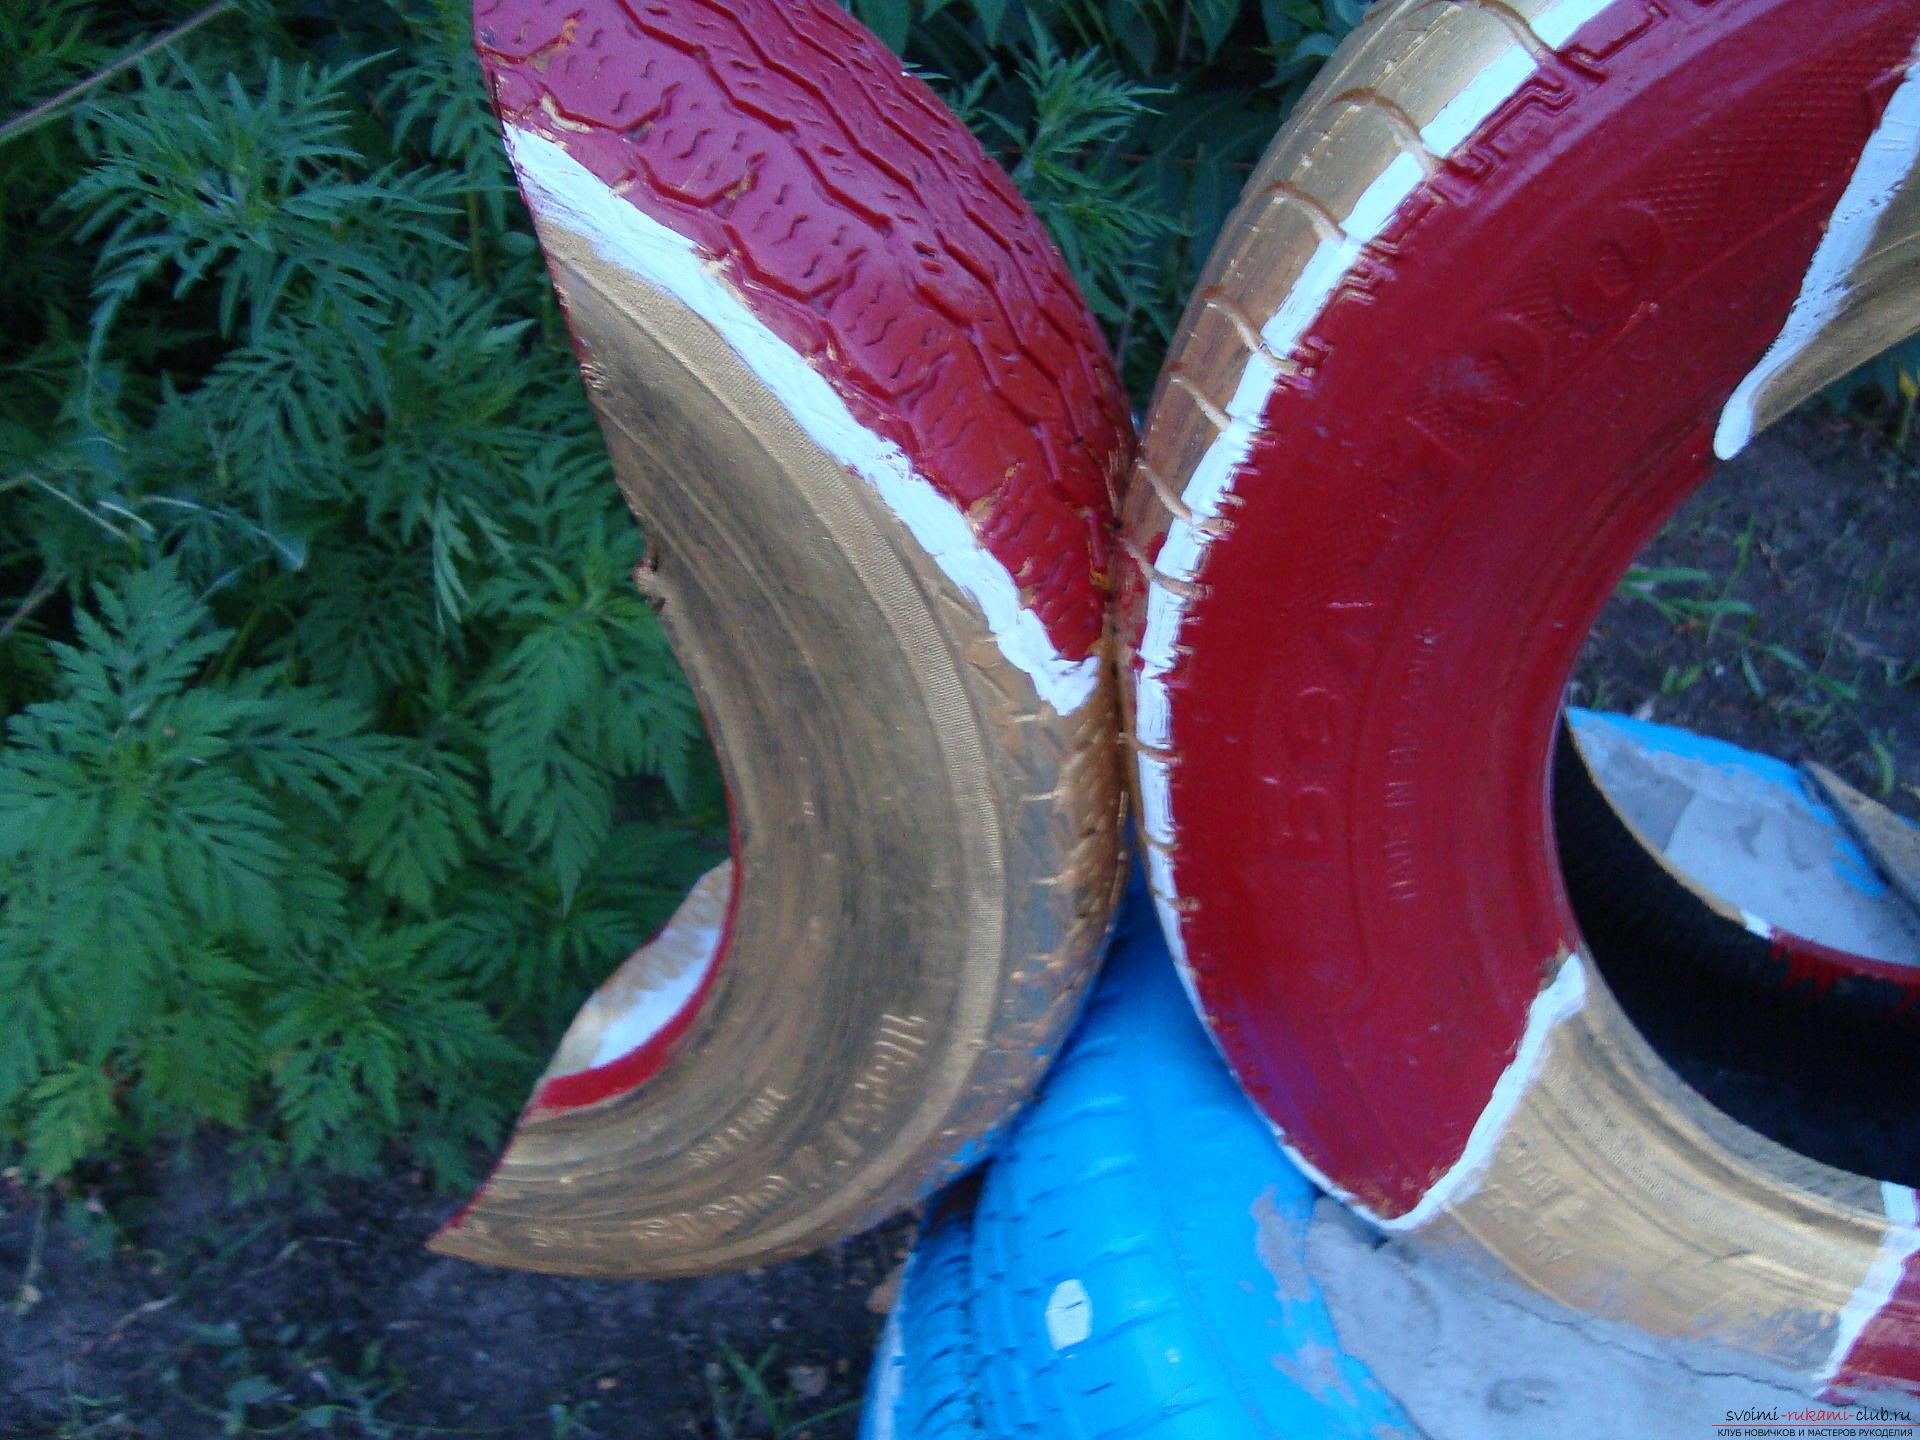 Поделки из старых шин и покрышек. Подборка Фотографий 65